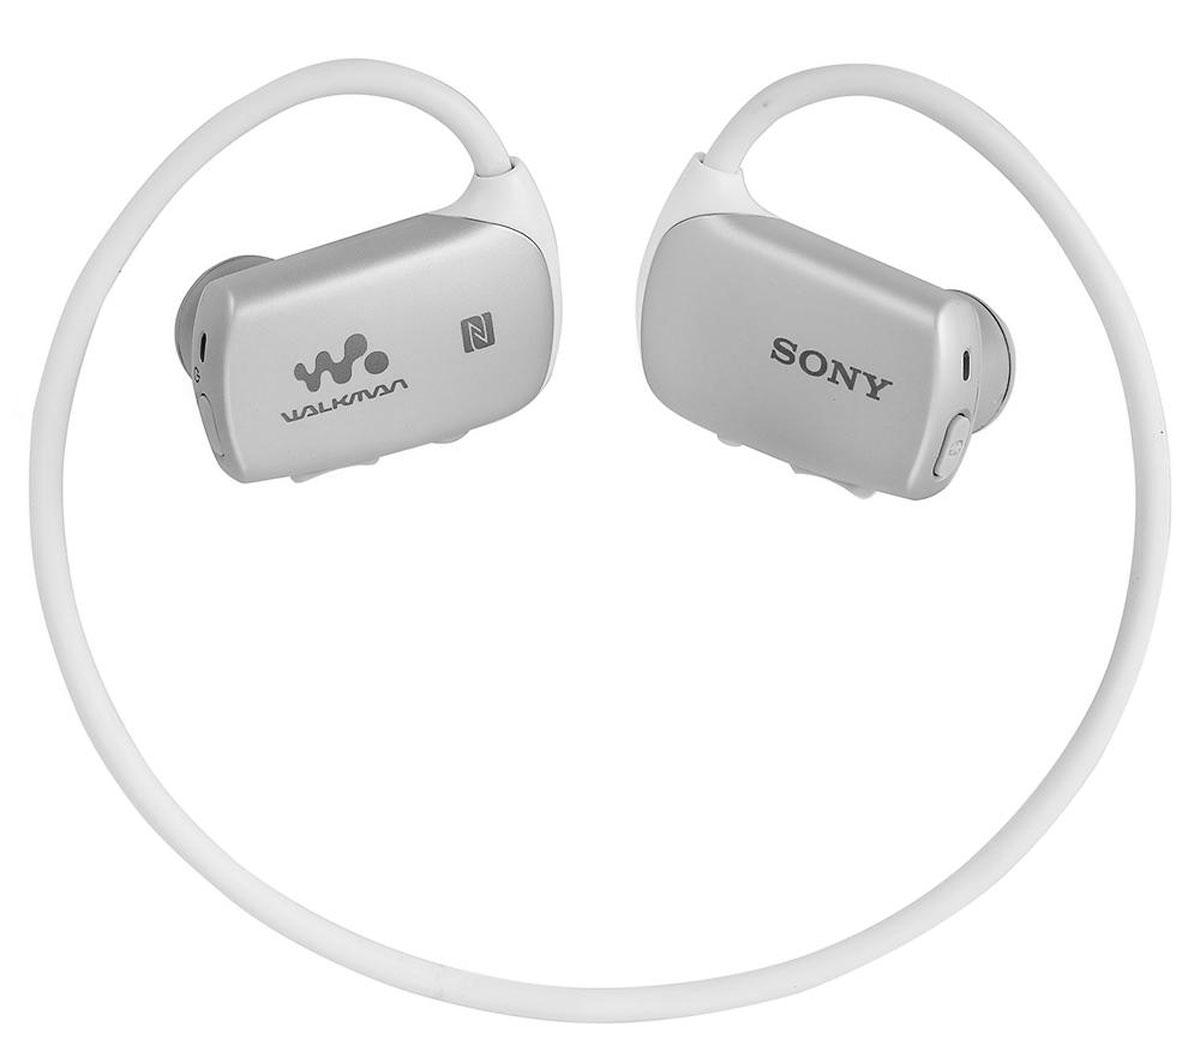 Sony NWZ-WS613 4Gb, White MP3-плеерNWZ-WS613 белыйSony NWZ-WS613 - водостойкий универсальный Walkman со встроенной памятью 4 ГБ, NFC, Bluetooth, SoundMix и пультом ДУ. Теперь с любимой музыкой можно окунуться или поплавать. Этот Walkman обладает водостойкостью на глубине до 2-х метров, что позволяет ему выдерживать не только брызги воды. Сохраните плейлист для занятий спортом на Walkman и тренируйтесь в бассейне под любимую музыку. Данная модель может работать в воде на протяжении 30 минут. Для использования плеера в воде необходимо также использовать вкладыши для плавания. Благодаря технологии NFC (Near Field Communication) больше не нужны ни провода, ни сложные подключения. Достаточно приложить смартфон или другое NFC-совместимое устройство к N-метке на корпусе, и сразу же начнется воспроизведения музыки. Нет NFC? Ничего страшного. Сопряжение можно также установить вручную в разделе настроек Bluetooth. Удобное управление музыкой в любой ситуации и при любой погоде благодаря...